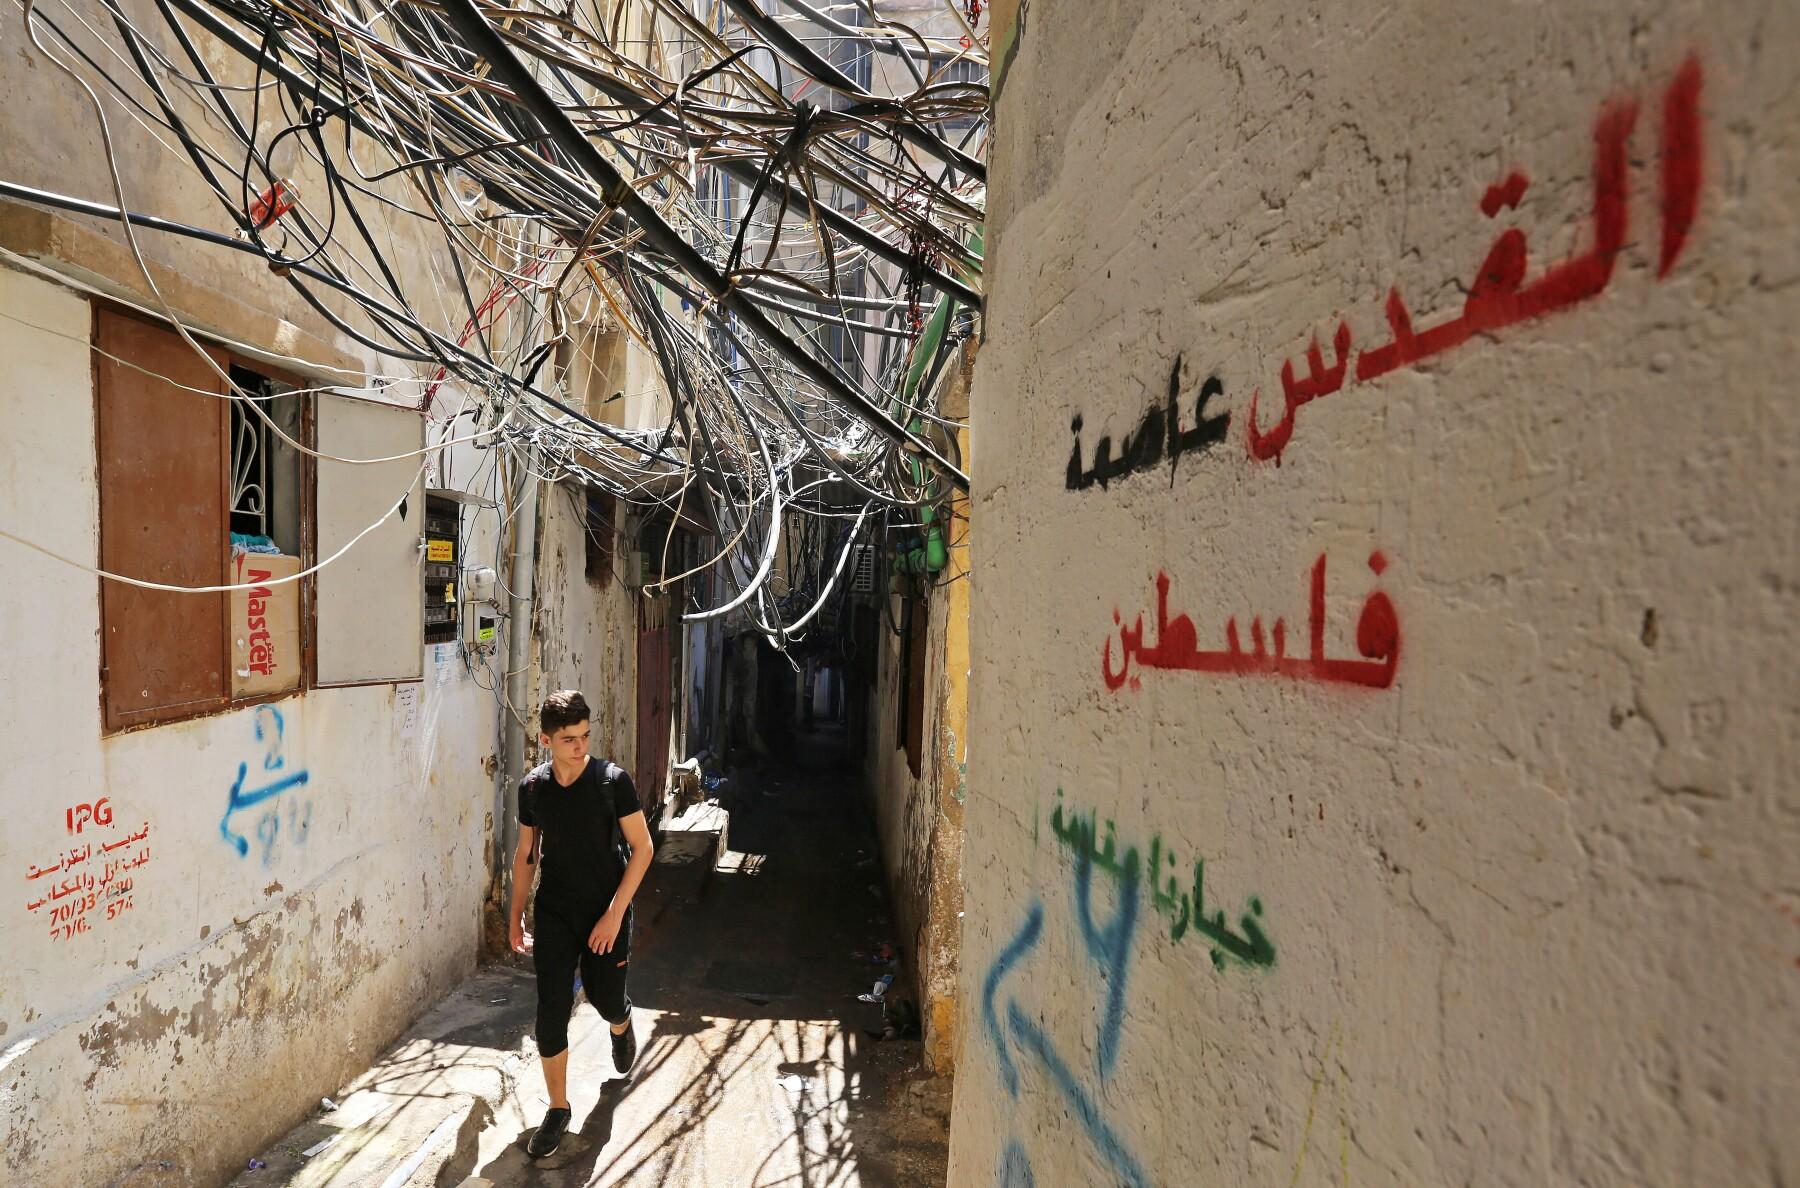 """Un hombre camina cerca de los cables en un campo de refugiados en Beirut, Líbabo. El eslogan en la pared dice """"Jerusalén en la capital de Palestina, nuestra elección es la resistencia""""."""